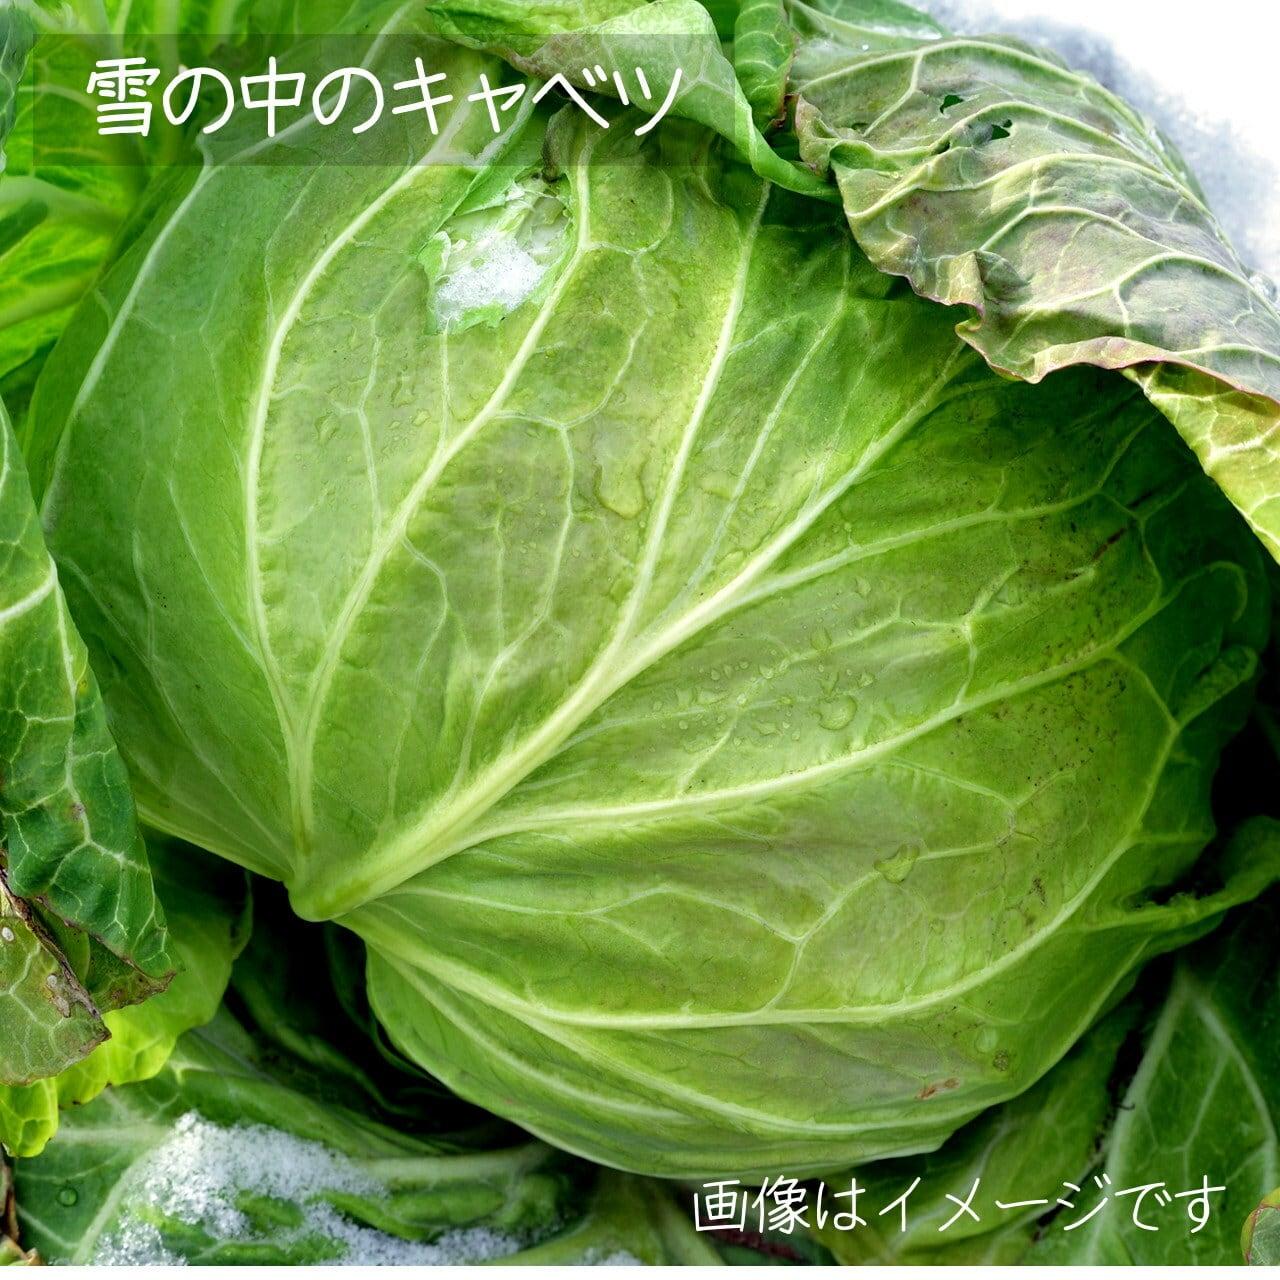 春の新鮮野菜 キャベツ 1個: 5月の朝採り直売野菜 5月29日発送予定